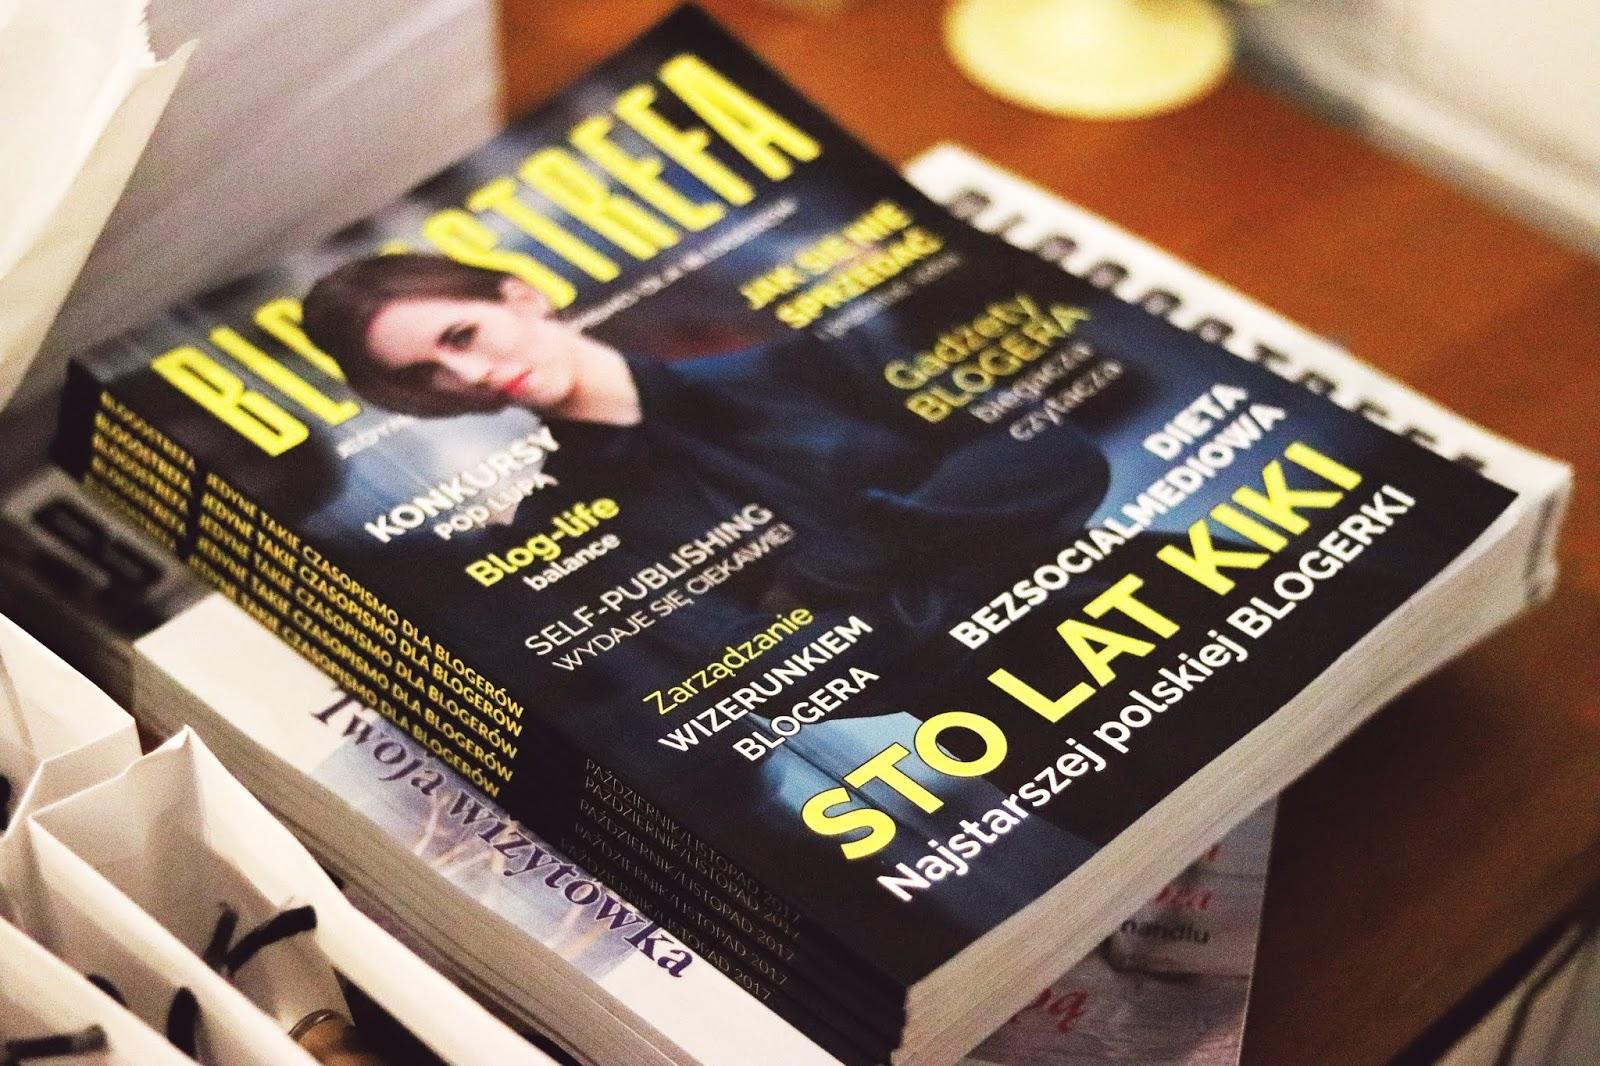 czasopismo dla blogerów Blogostrefa - recenzja